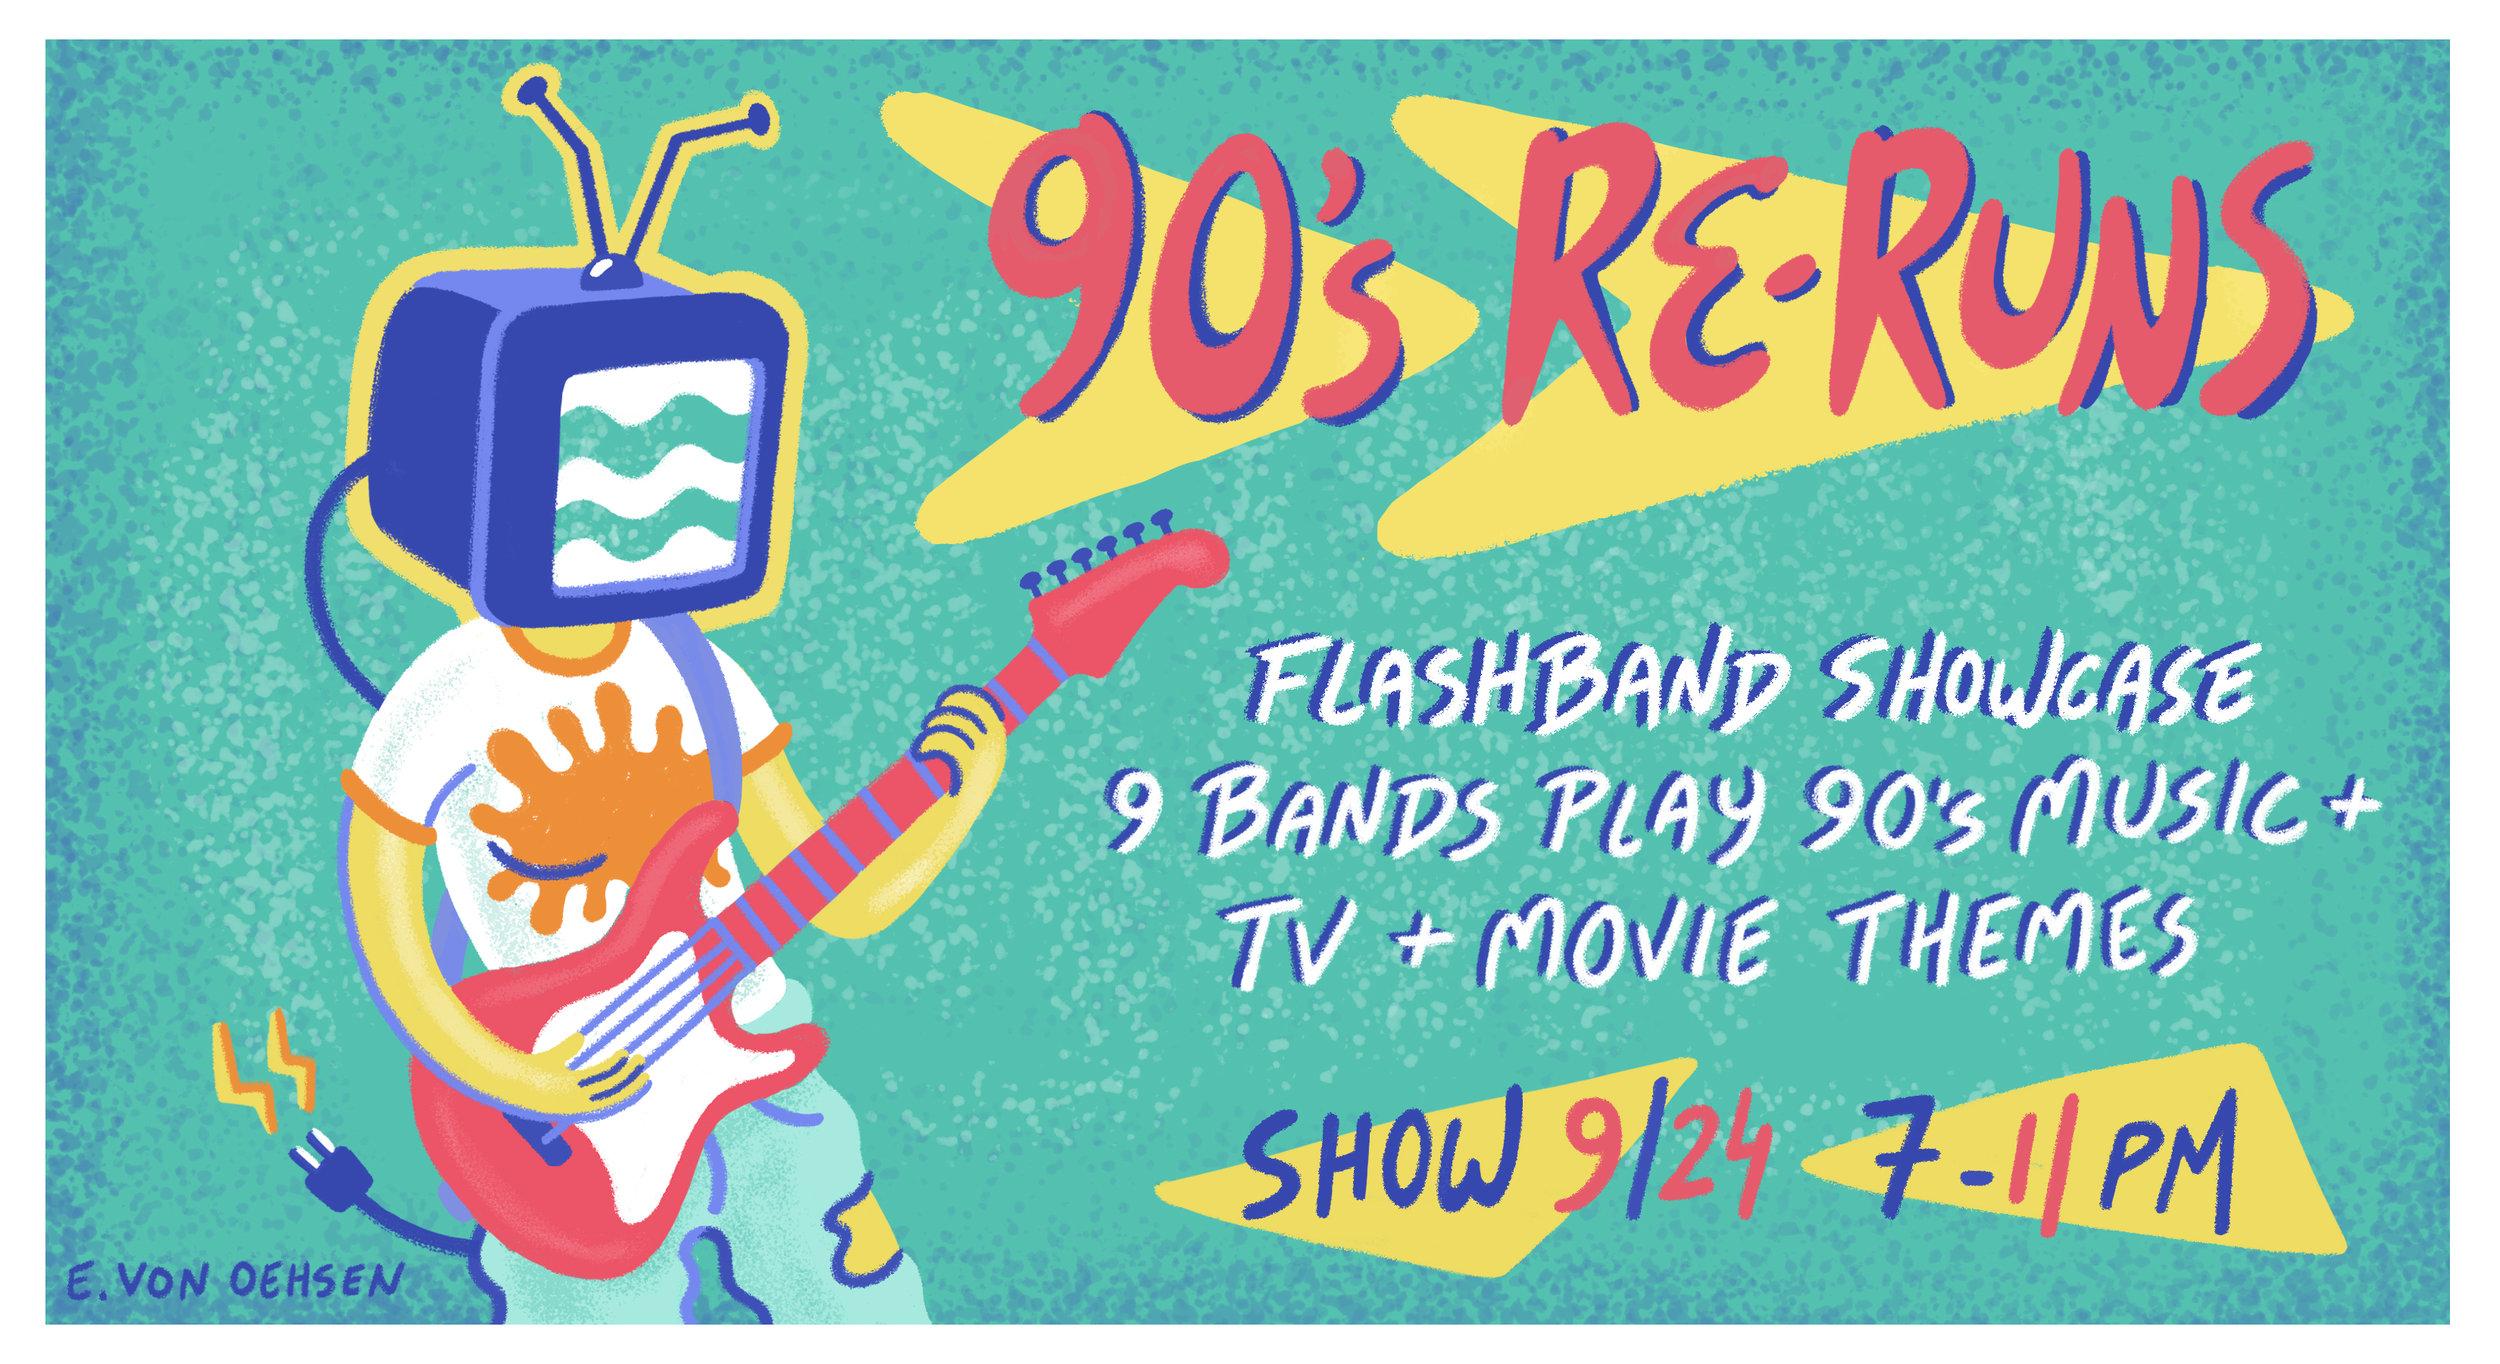 90s Rerun Facebook Banner